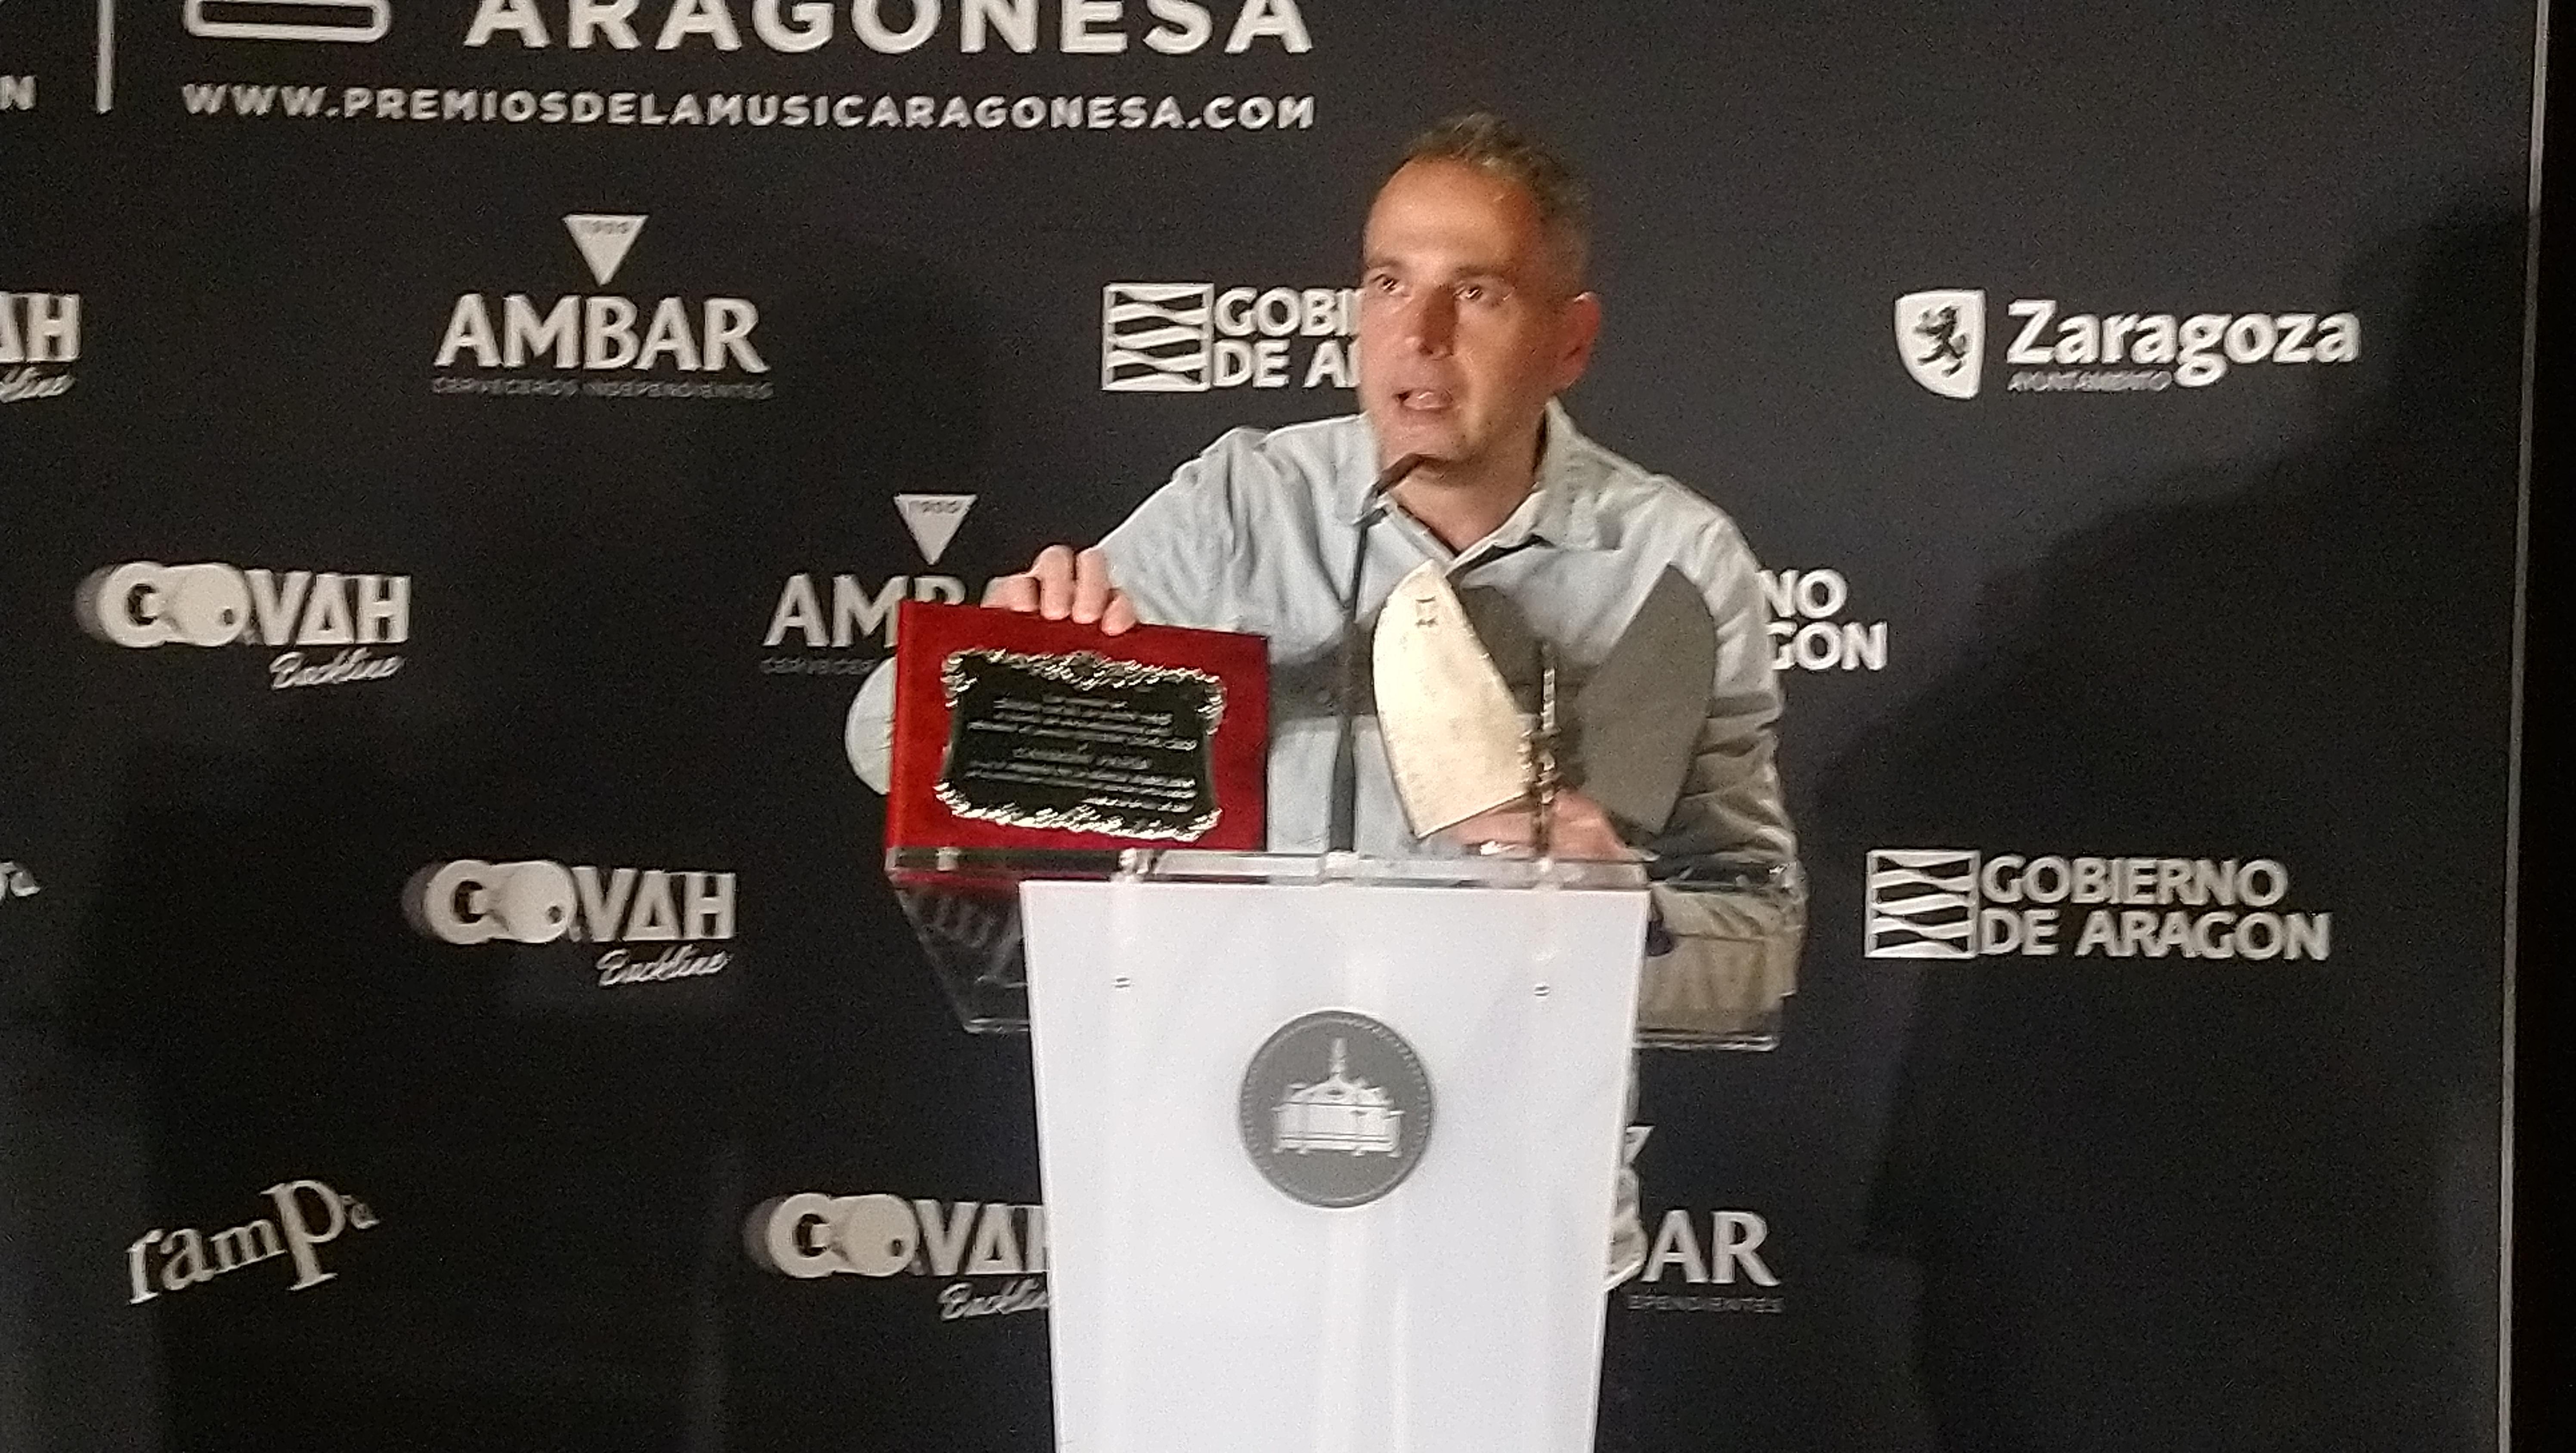 XX Premios de la Música Aragonesa. Sergio Falces, coordinador de Aragón Musical, ostrando cómo era el trofeo de hace 20 años y el actual.